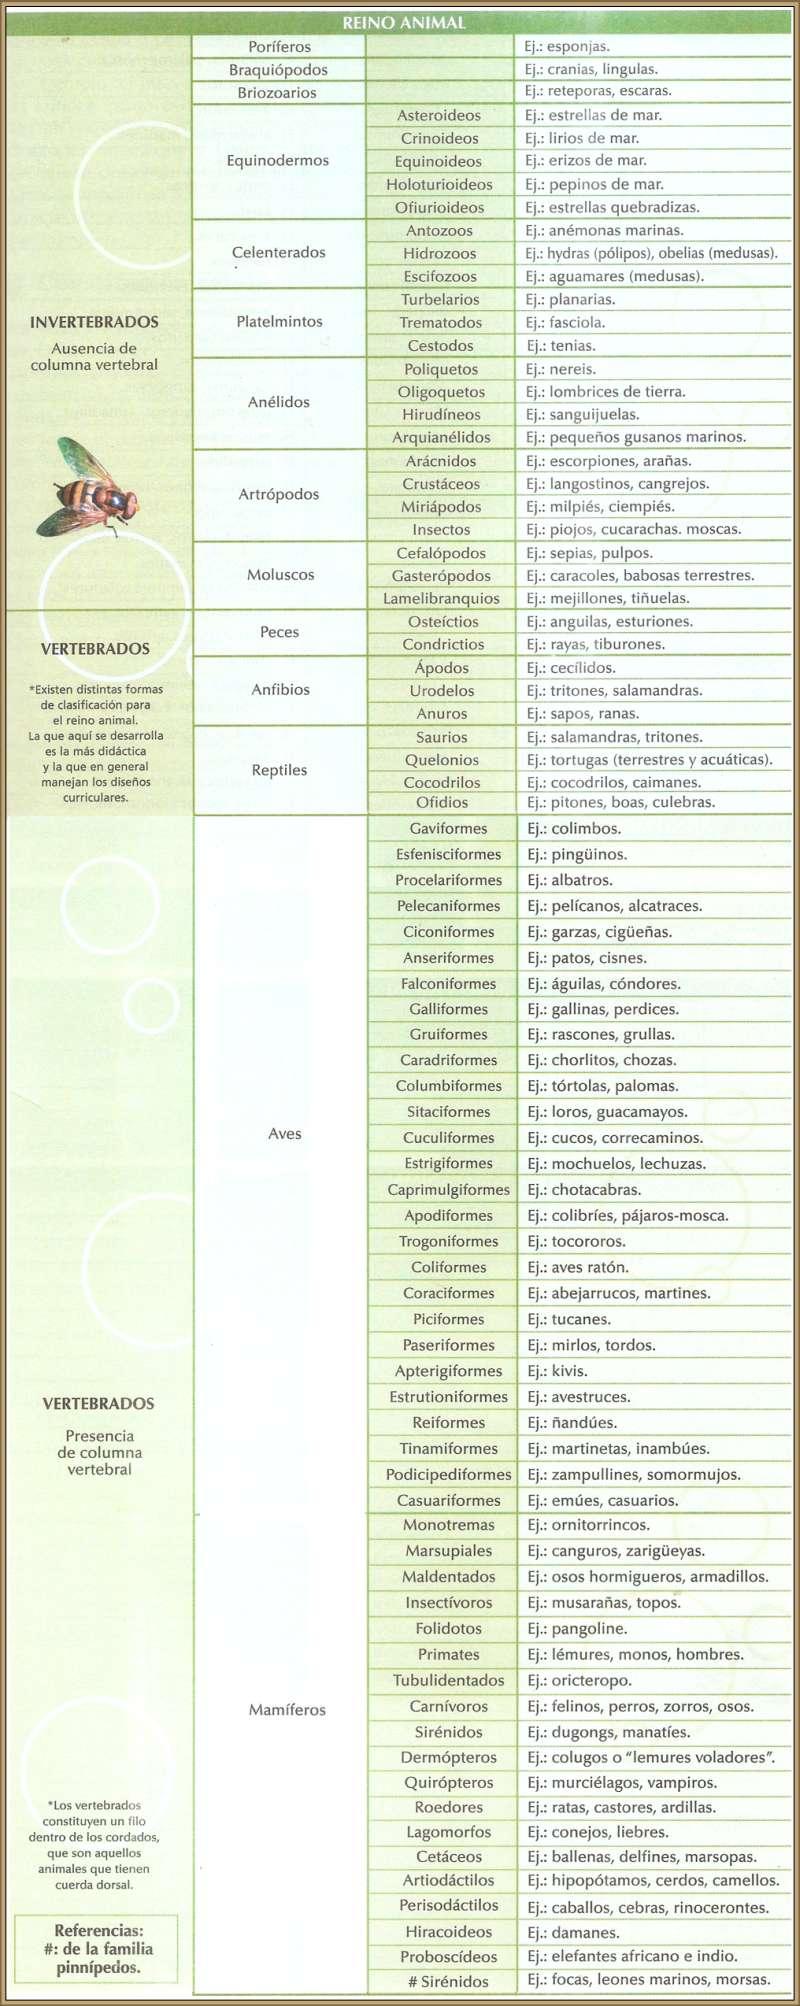 CUADRO SINOPTICO CLASIFICACION REINO ANIMAL